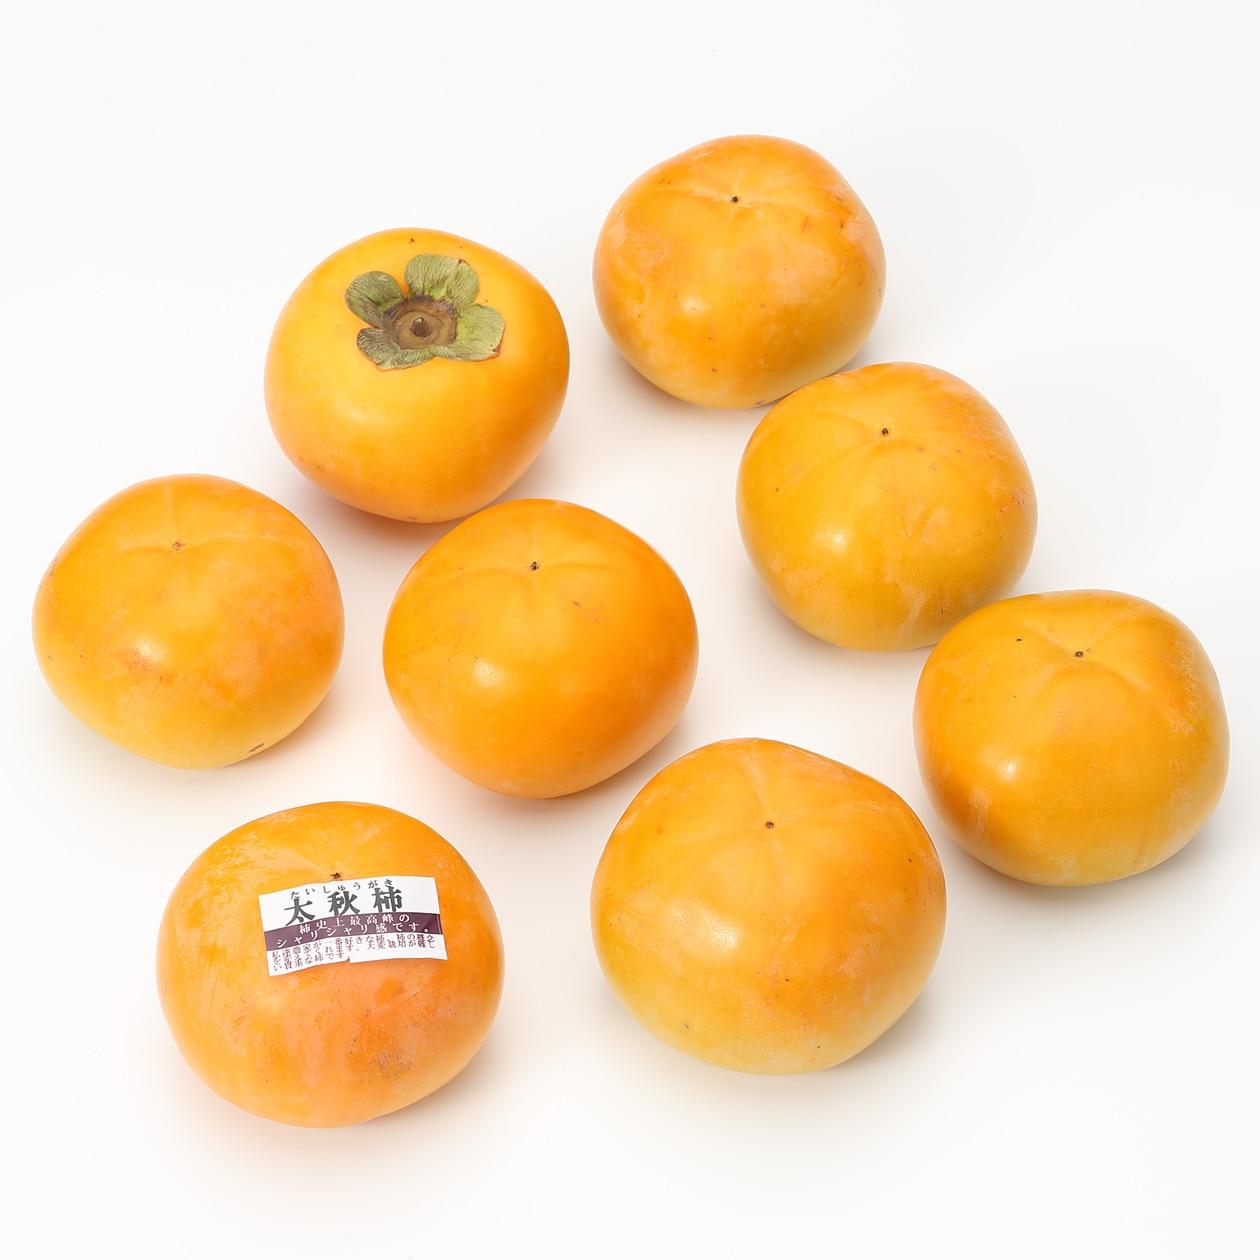 【無印良品】和歌山県産 太秋柿(シャキシャキ柿)